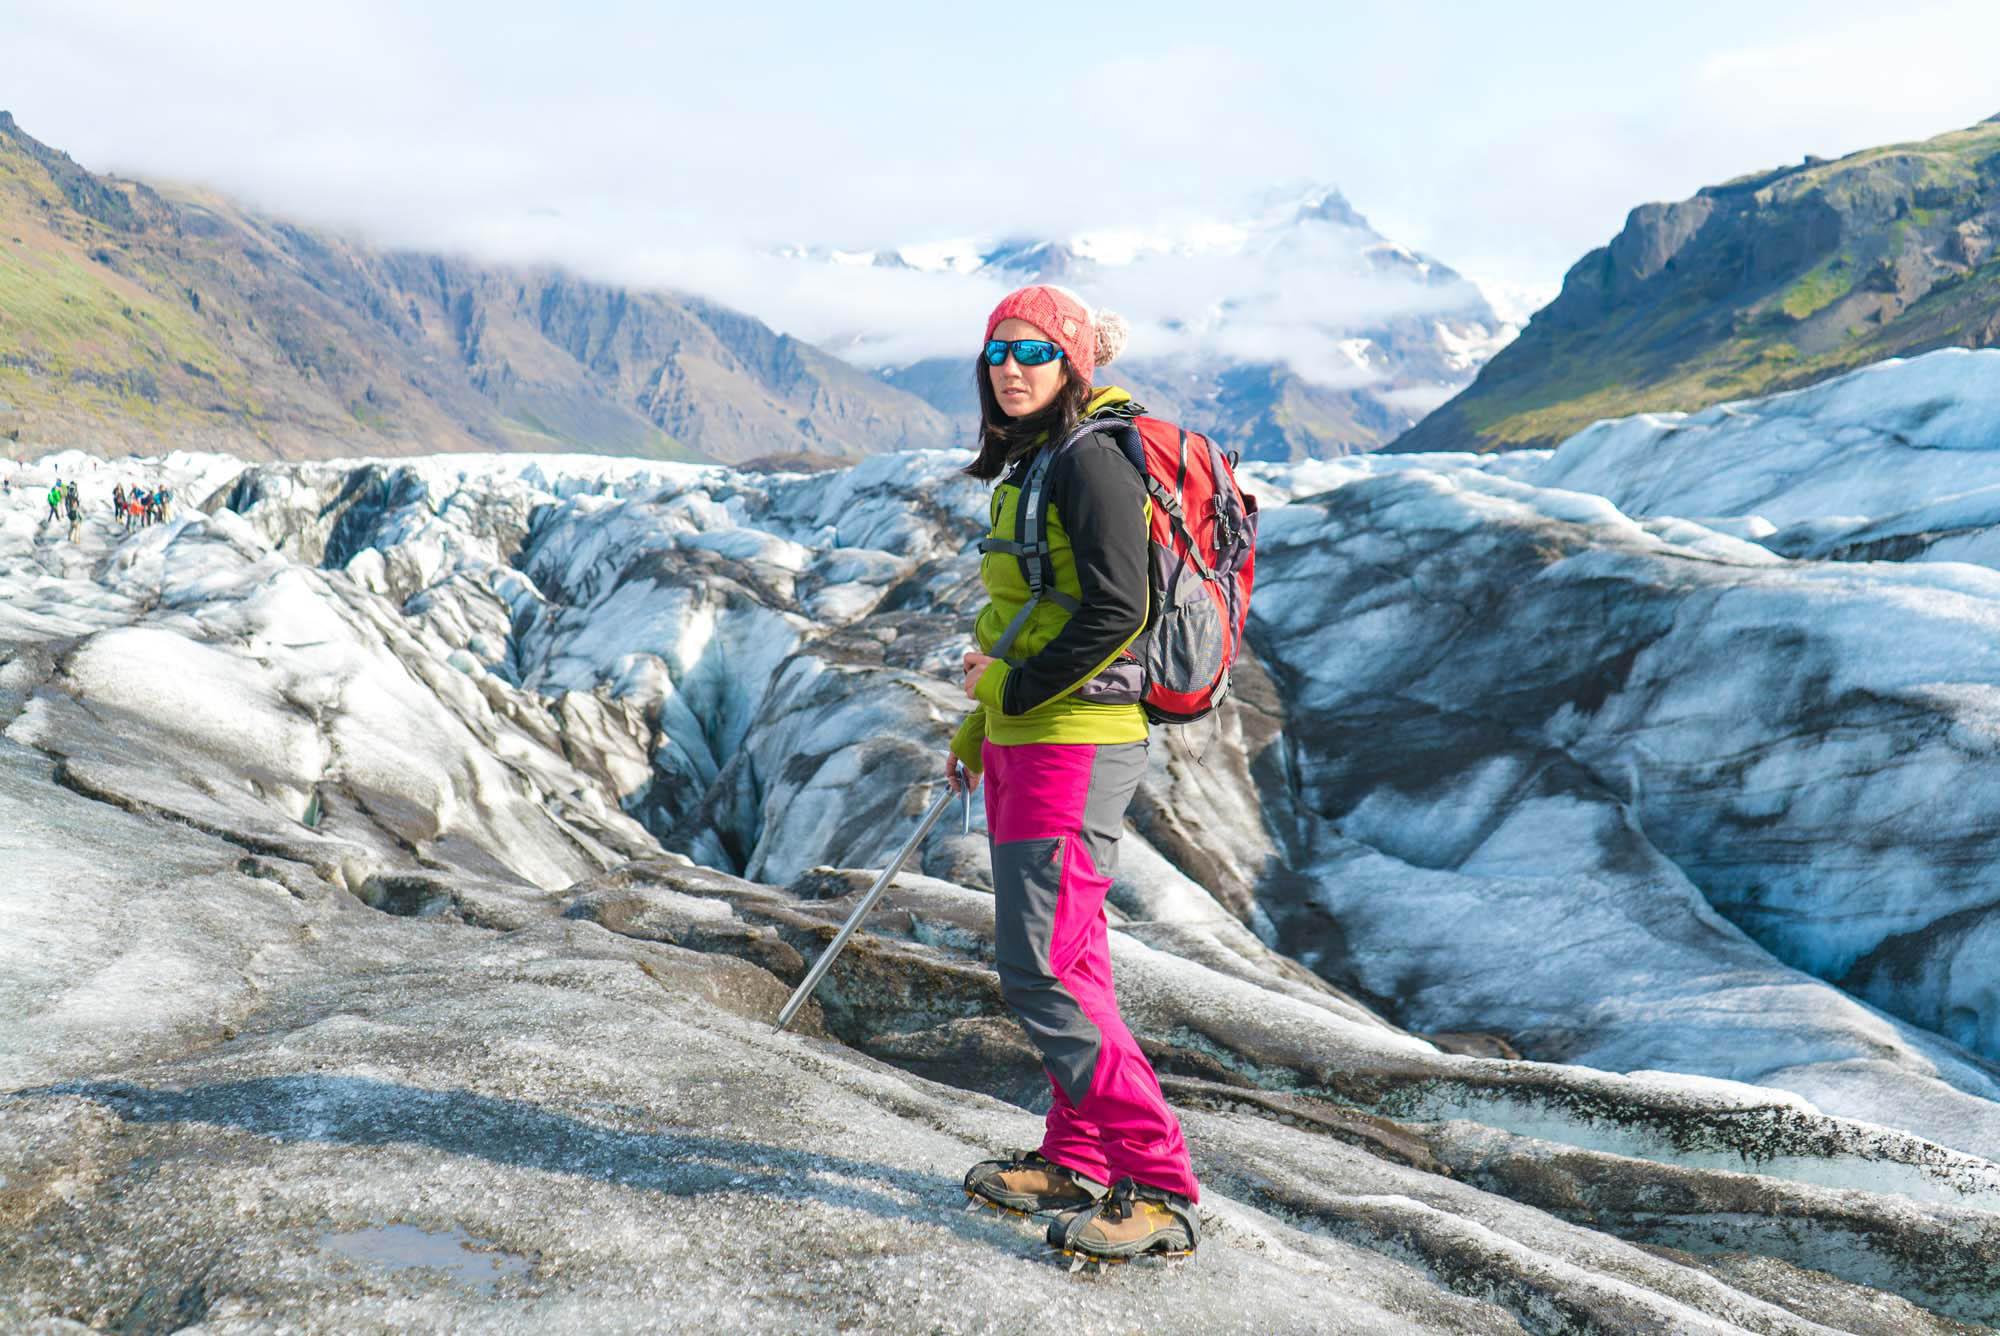 Glacier hike on Svinafellsjokull - Iceland glacier walk